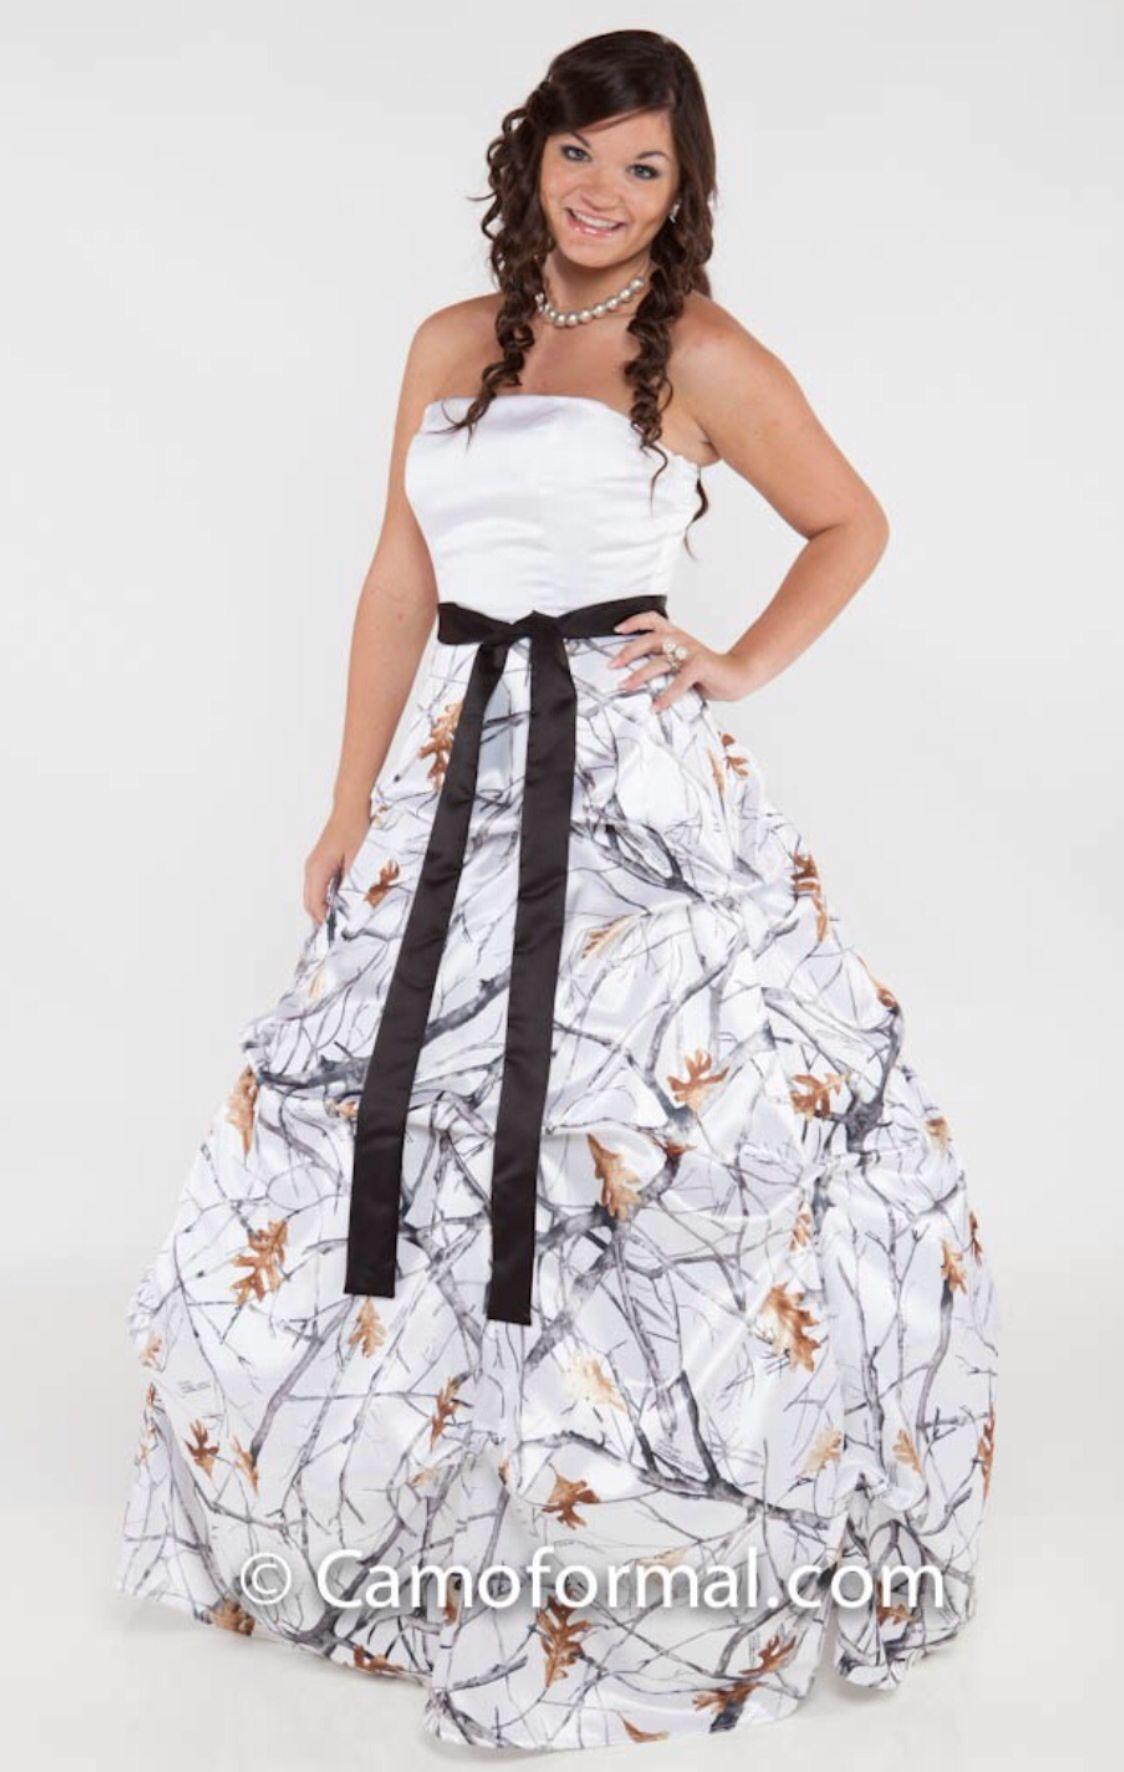 White camo prom dress ) Camo wedding dresses, Camo prom